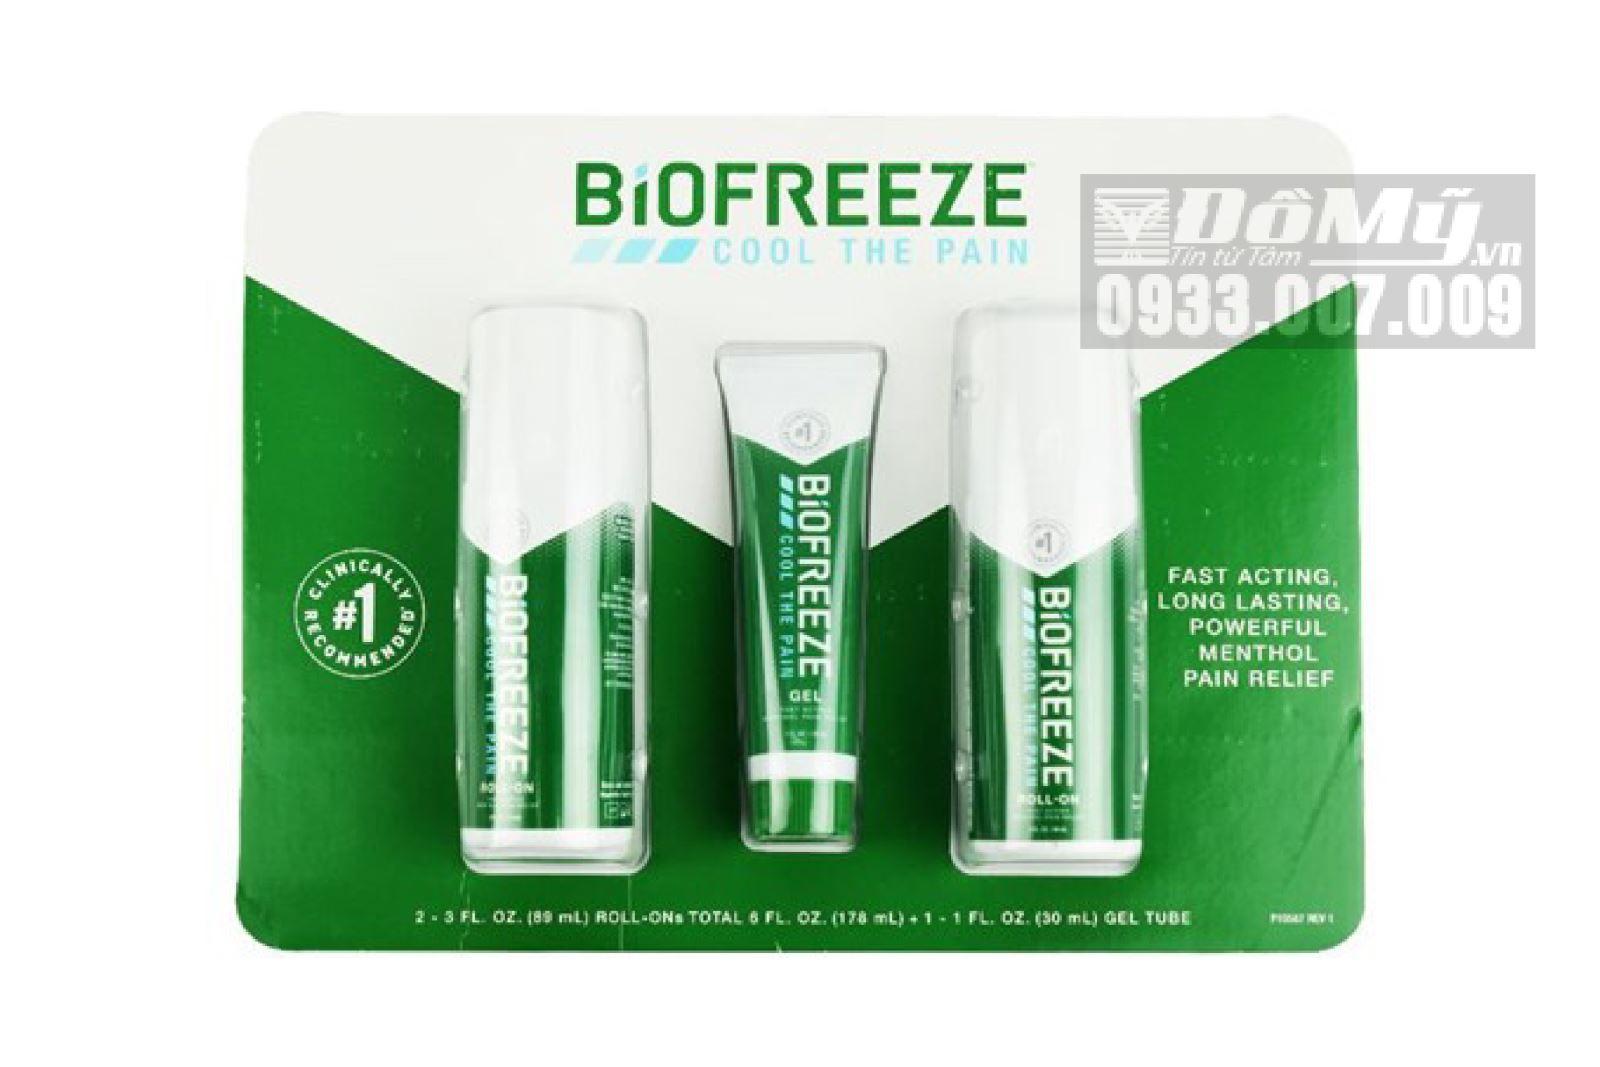 Set lăn Giảm Đau Nhức Biofreeze Pain Reliever của Mỹ (3 món)